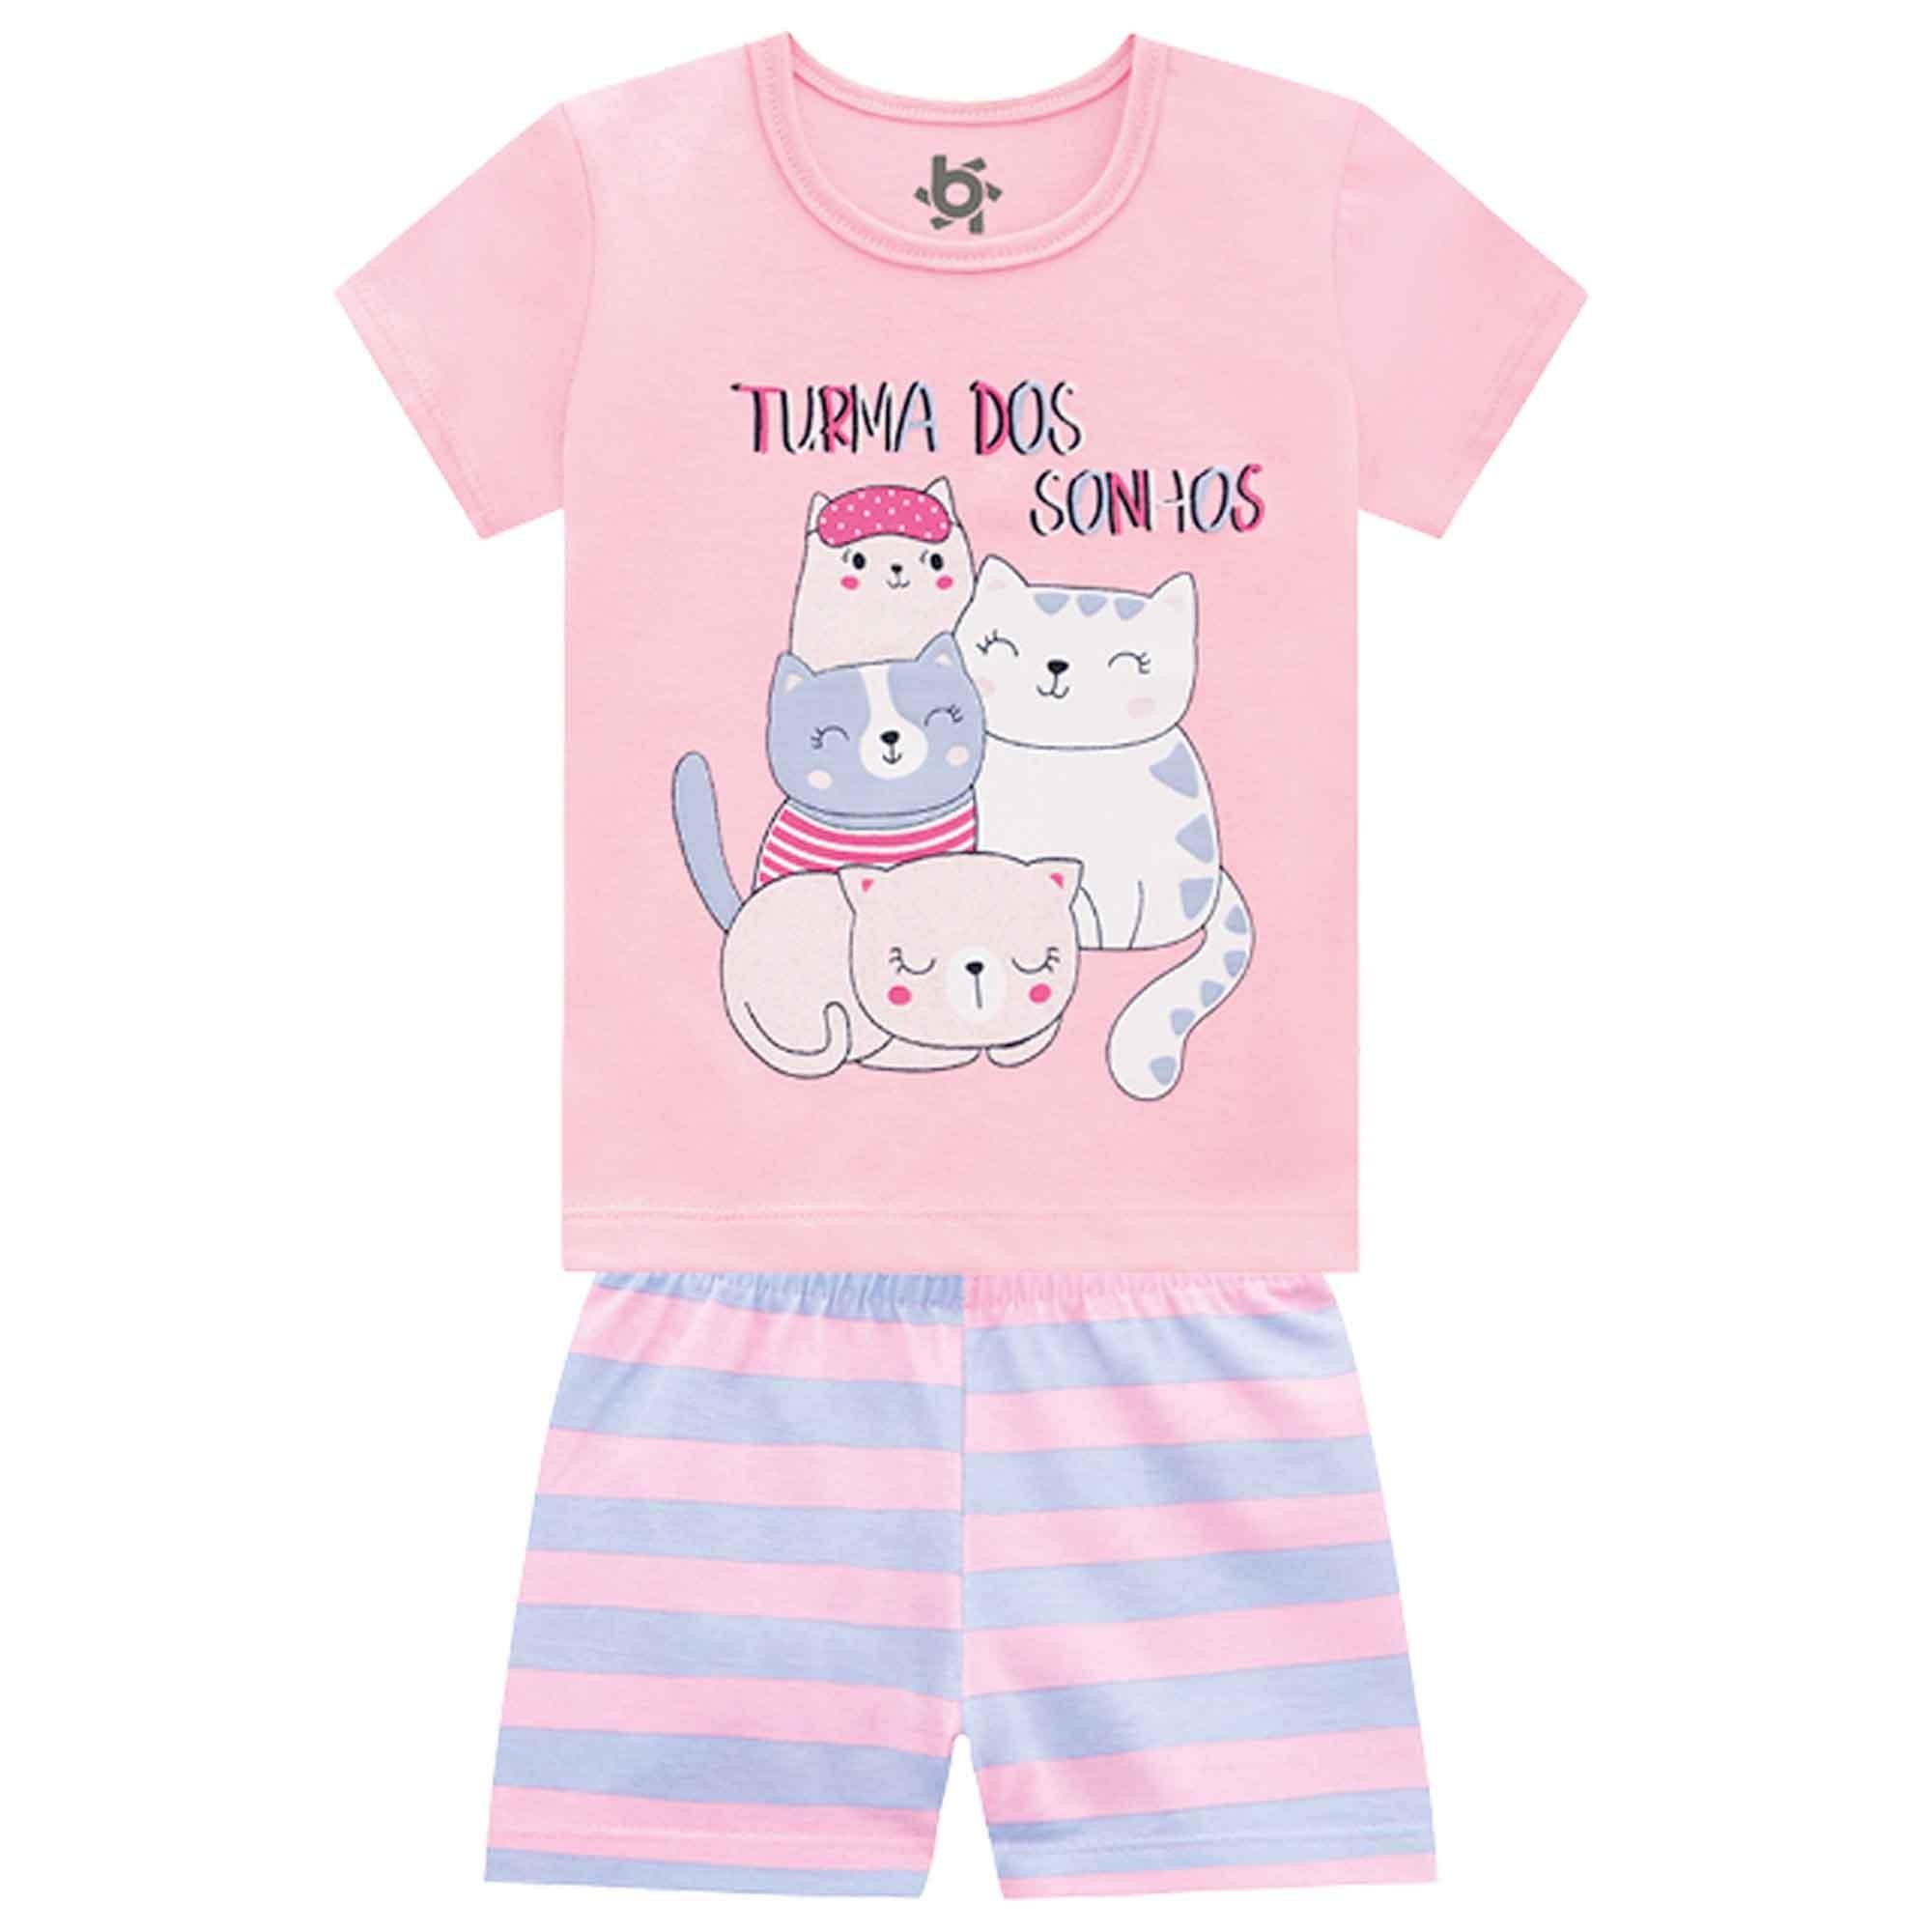 Pijama Verão Brandili Blusinha e Shorts Turma dos Sonhos - Brilha no Escuro - 4 ao 10